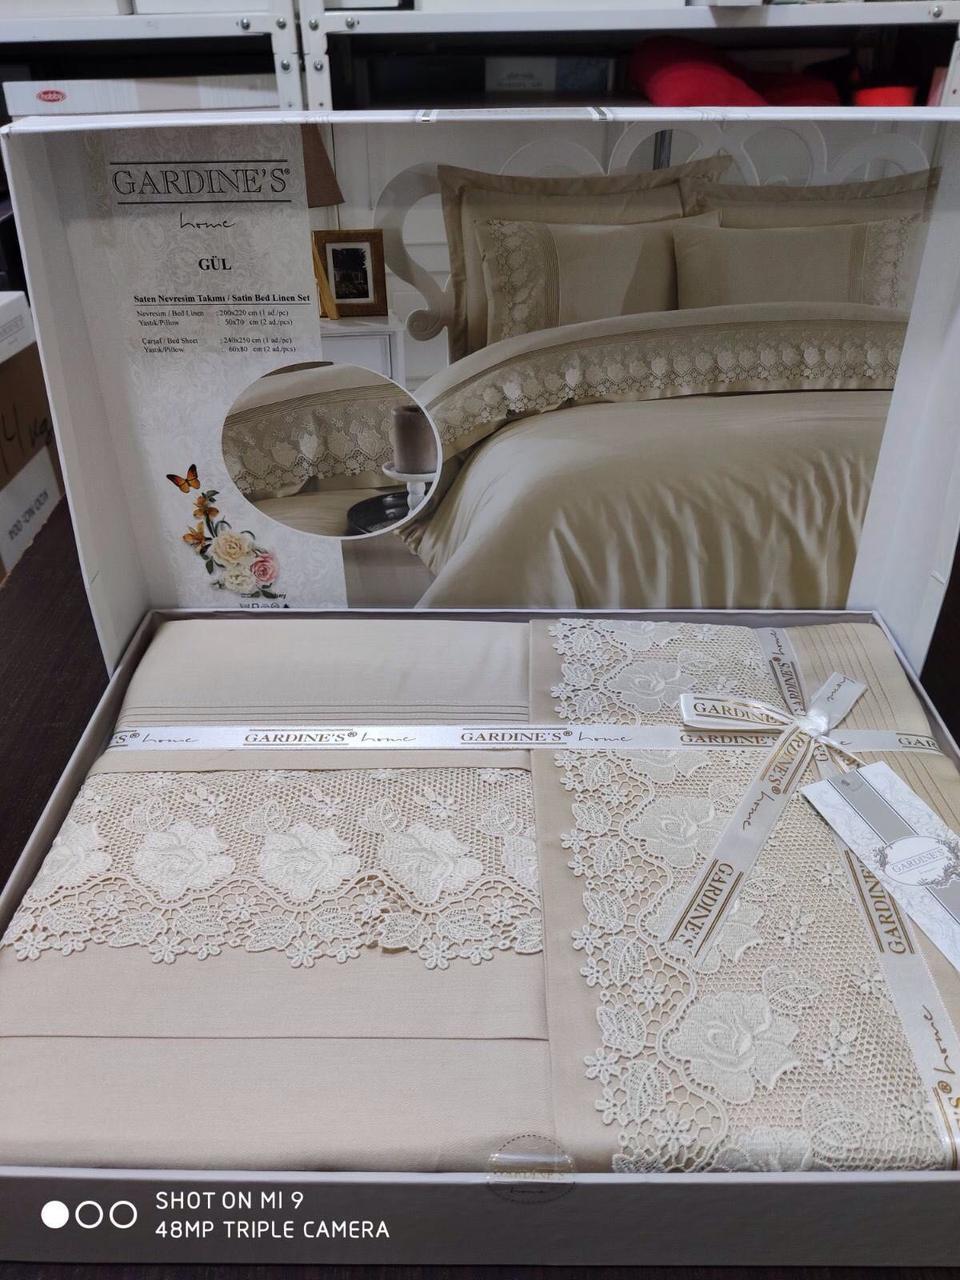 Евро-комплект постельного белья Gardines сатин. Турция, бежевый